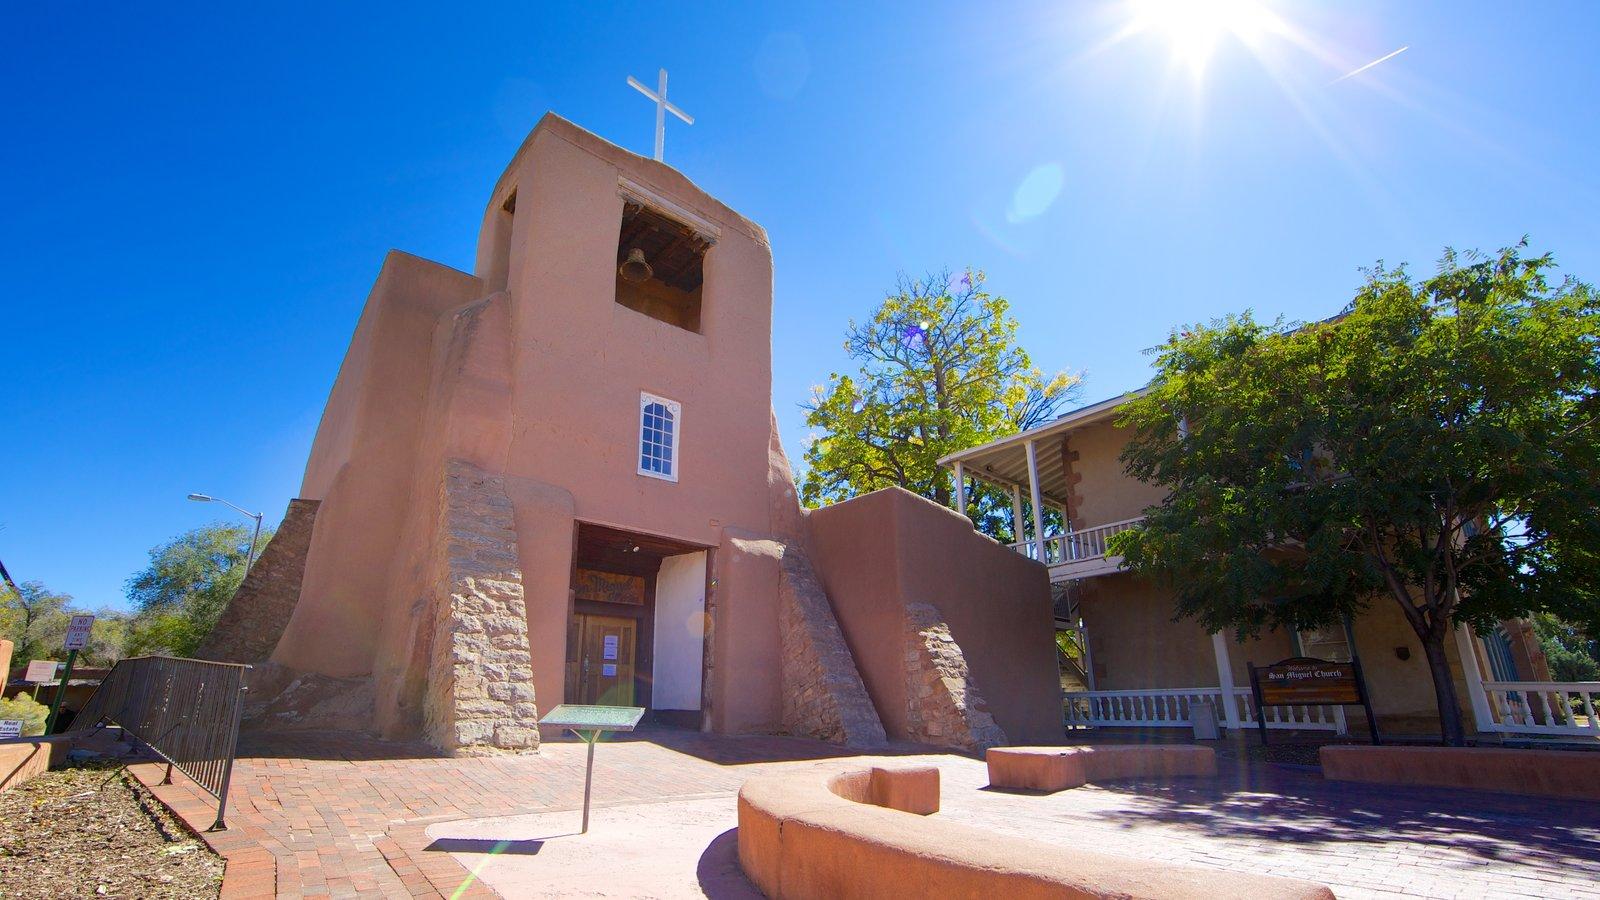 Santa Fe mostrando una iglesia o catedral y aspectos religiosos